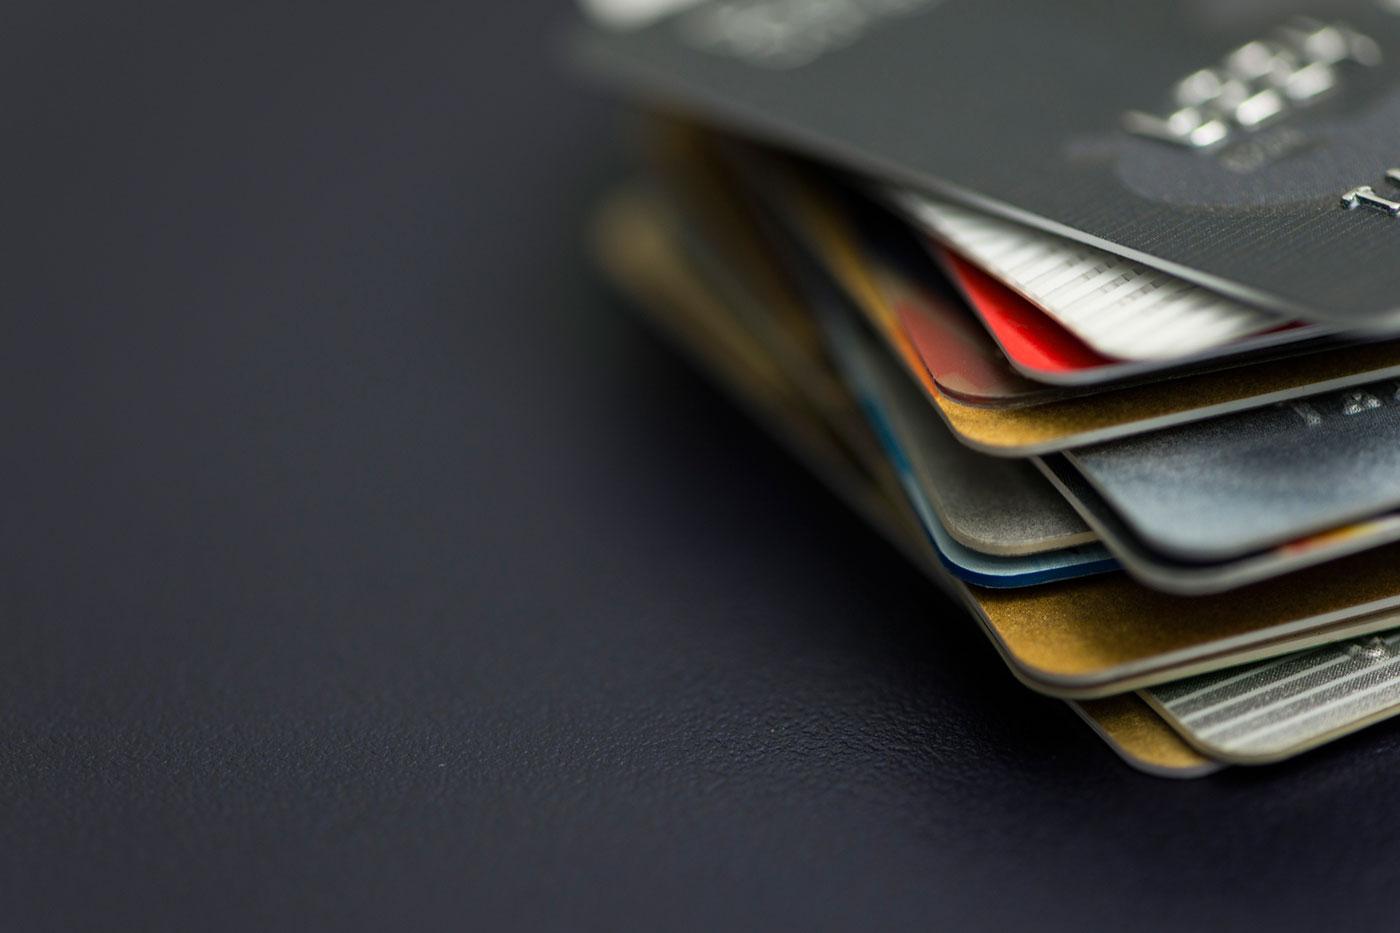 renegociacao de dividas ou processo de insolvencia